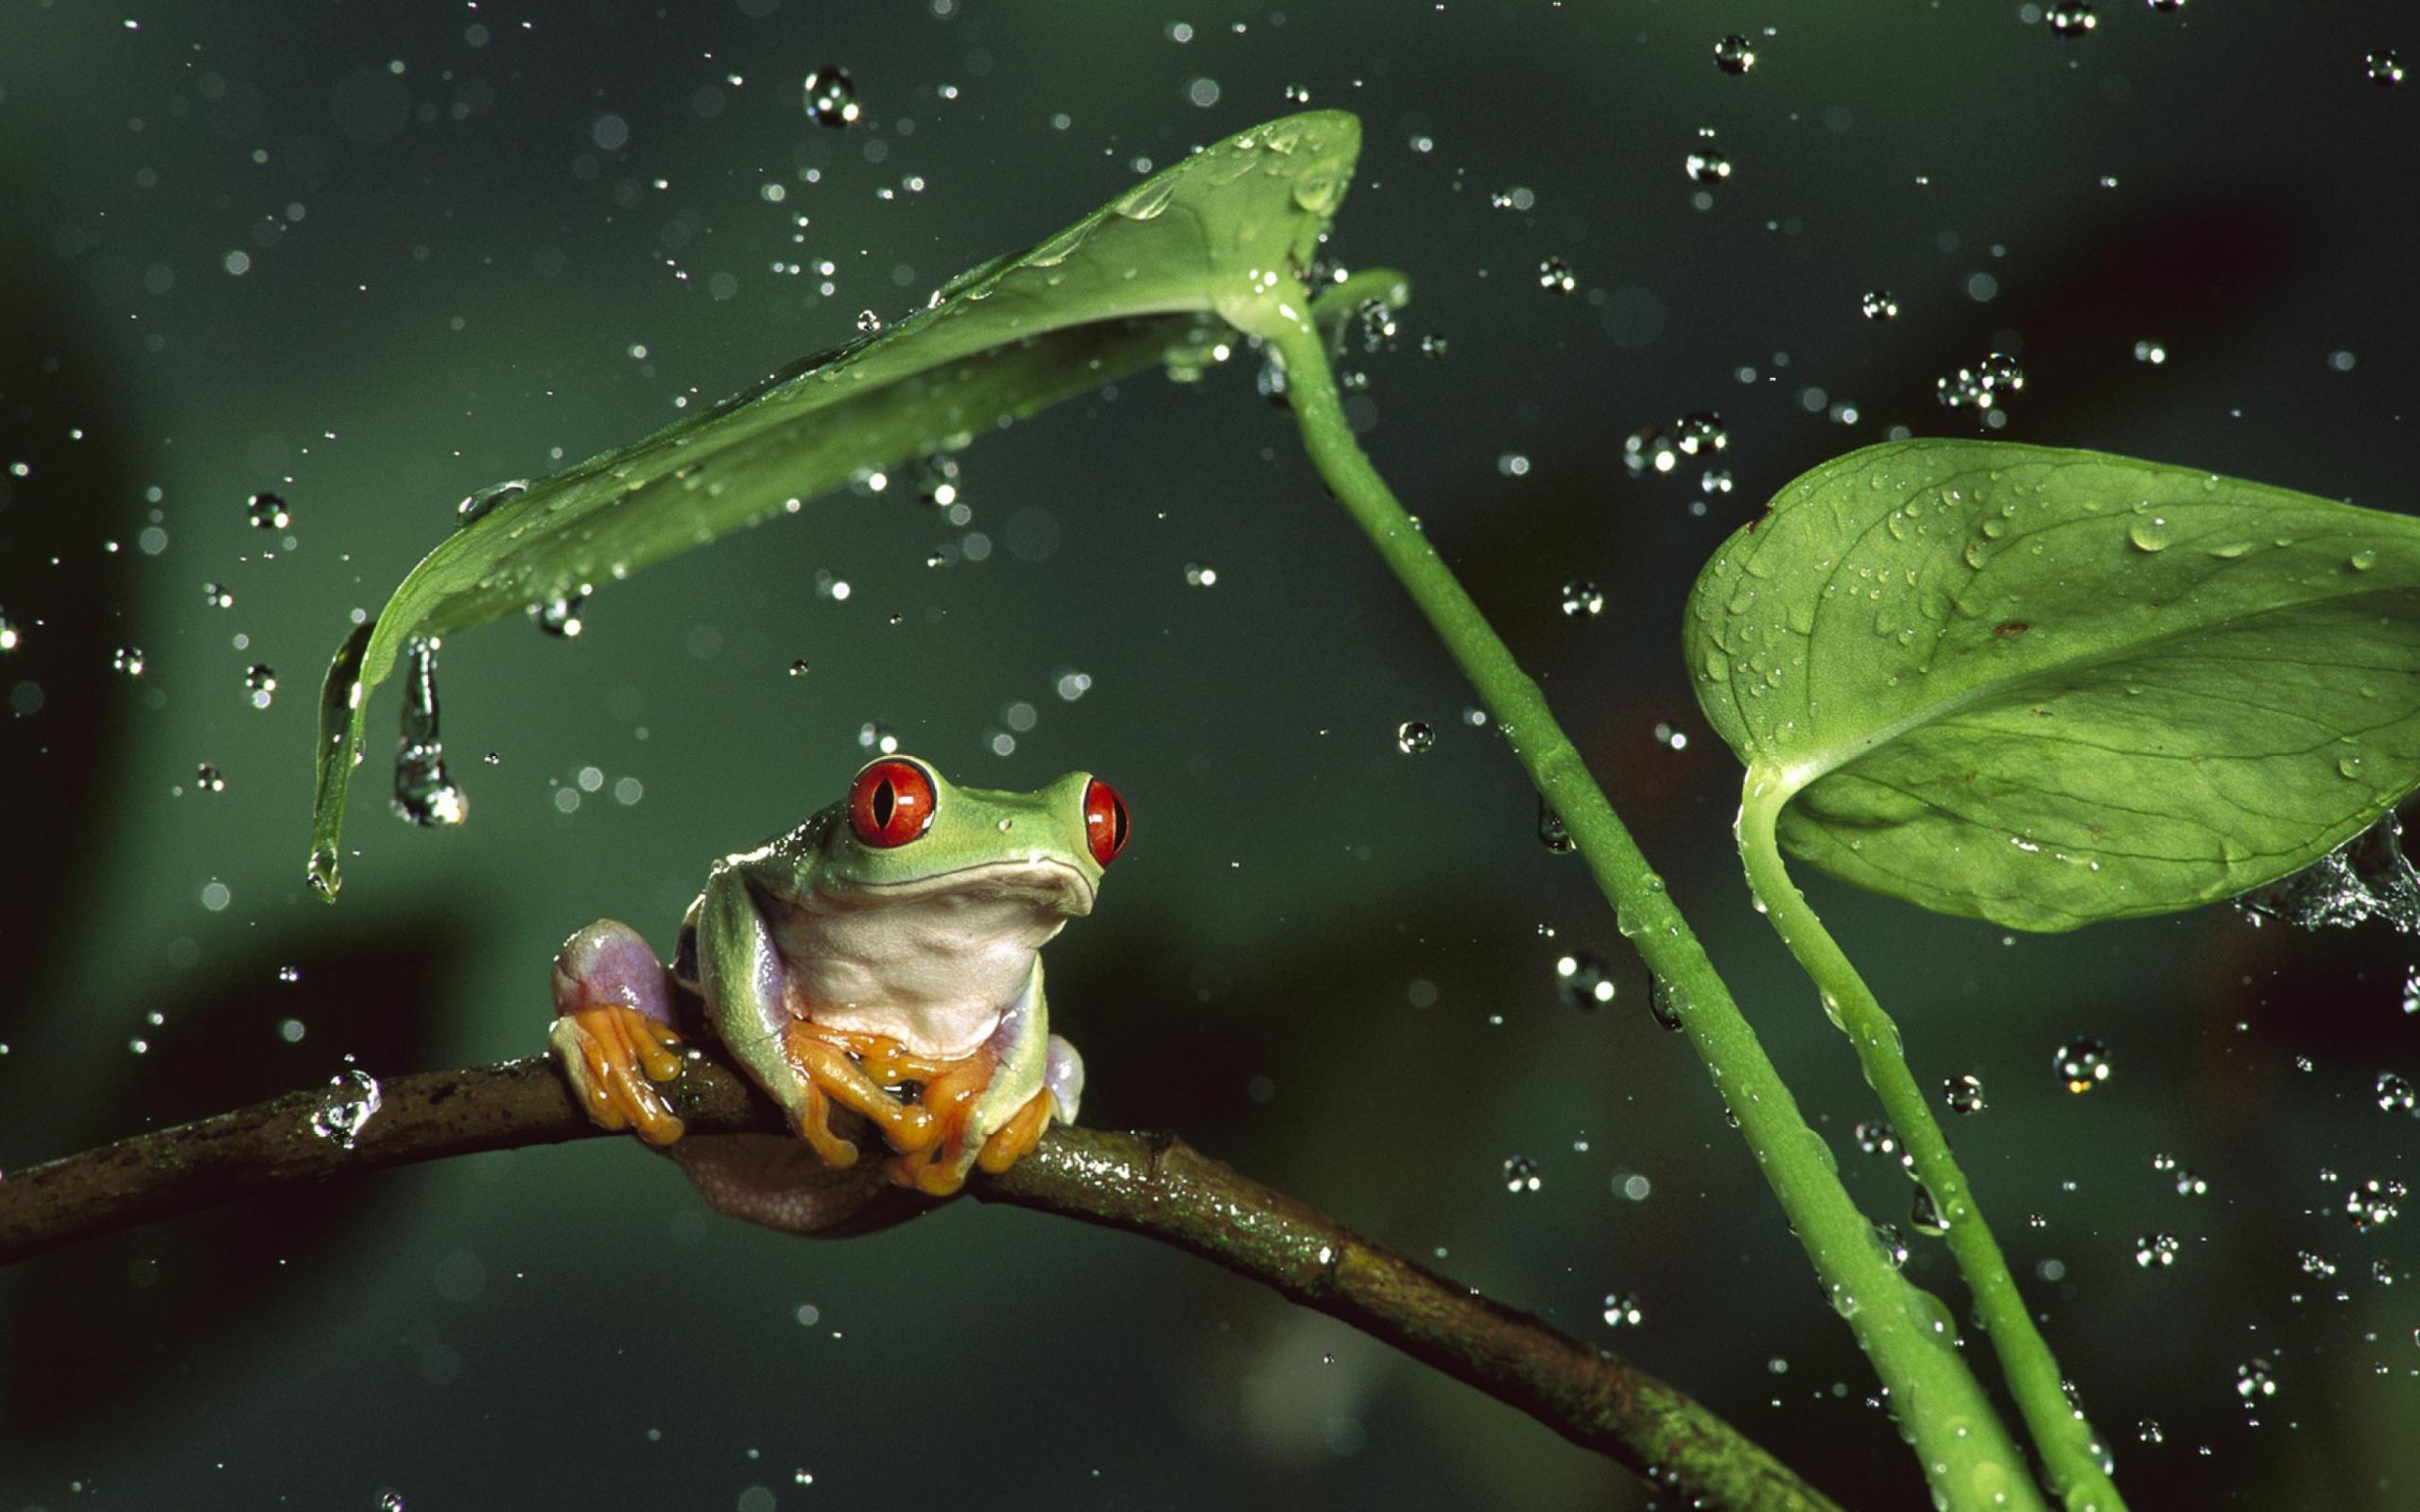 природа животные лягушки загрузить